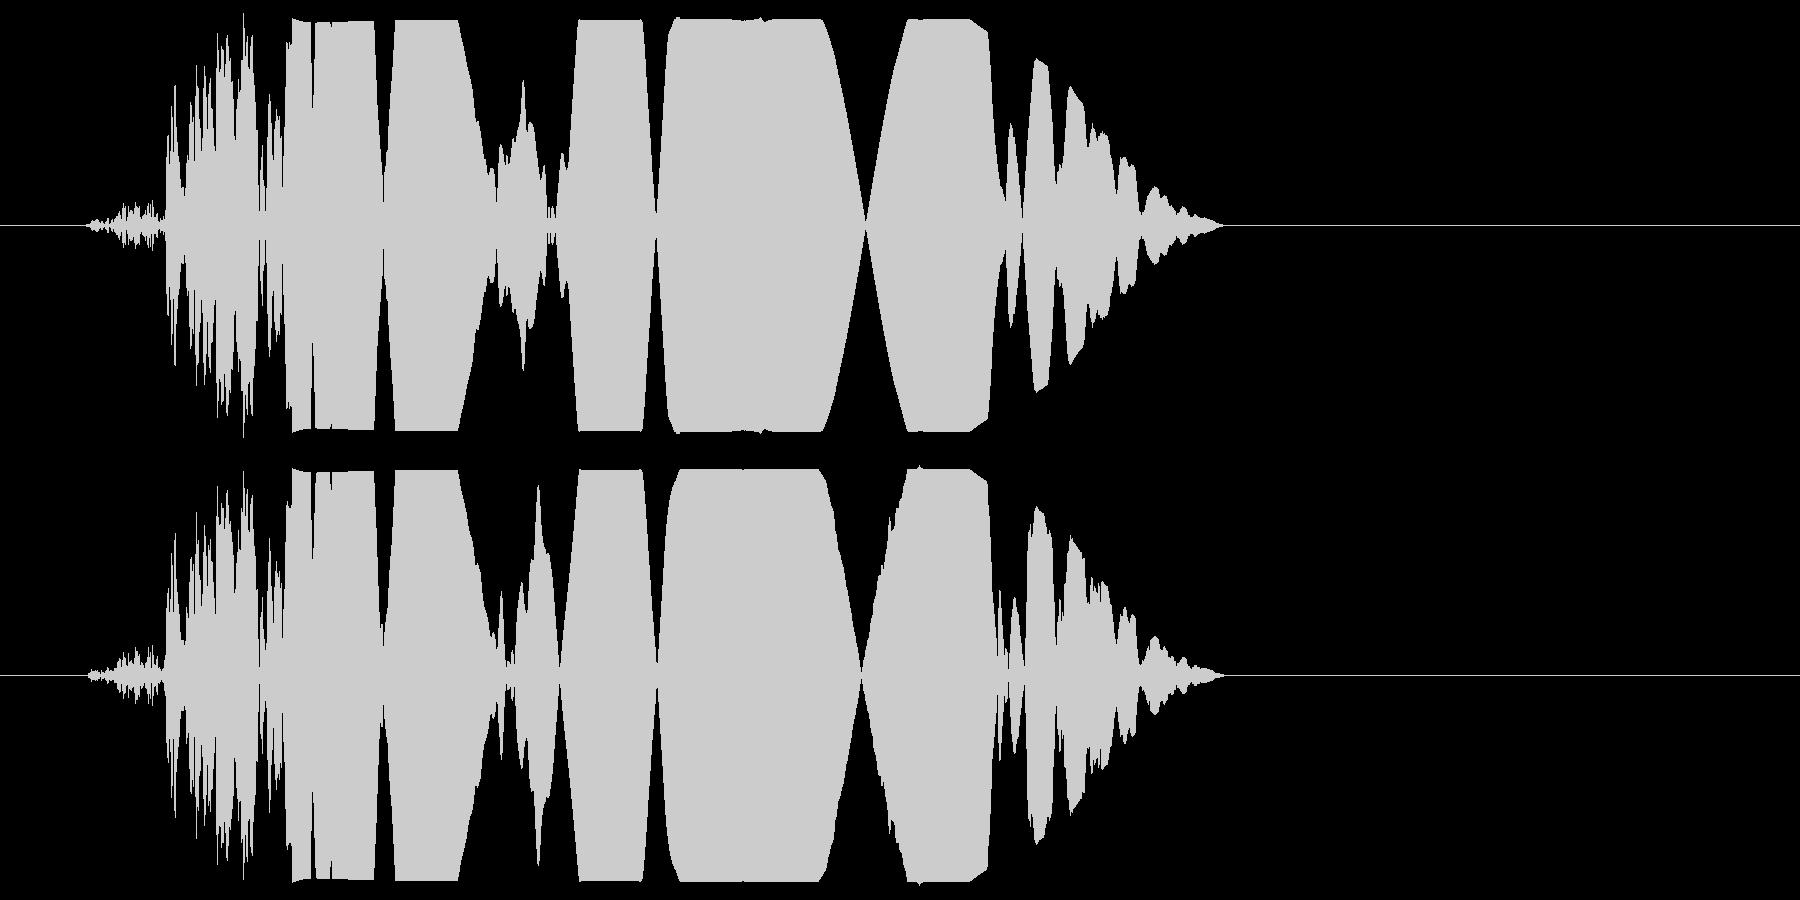 カチャ(軽く叩く・置く音)の未再生の波形